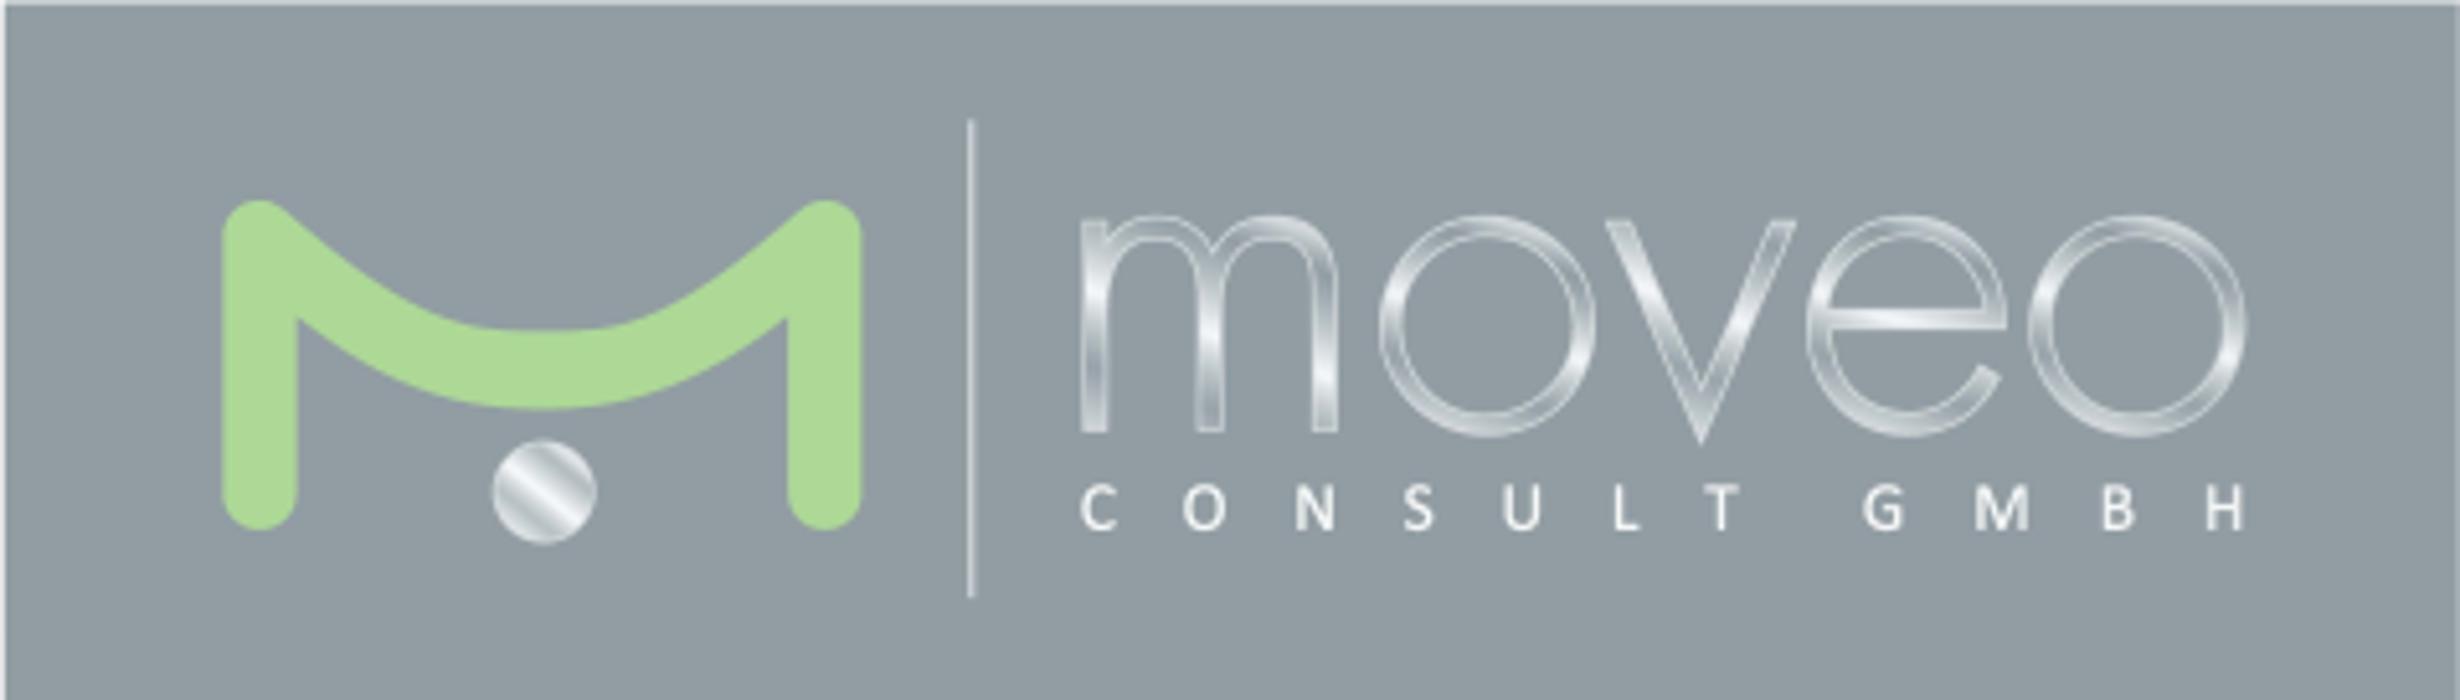 Bild zu moveo Consult GmbH in Ulm an der Donau